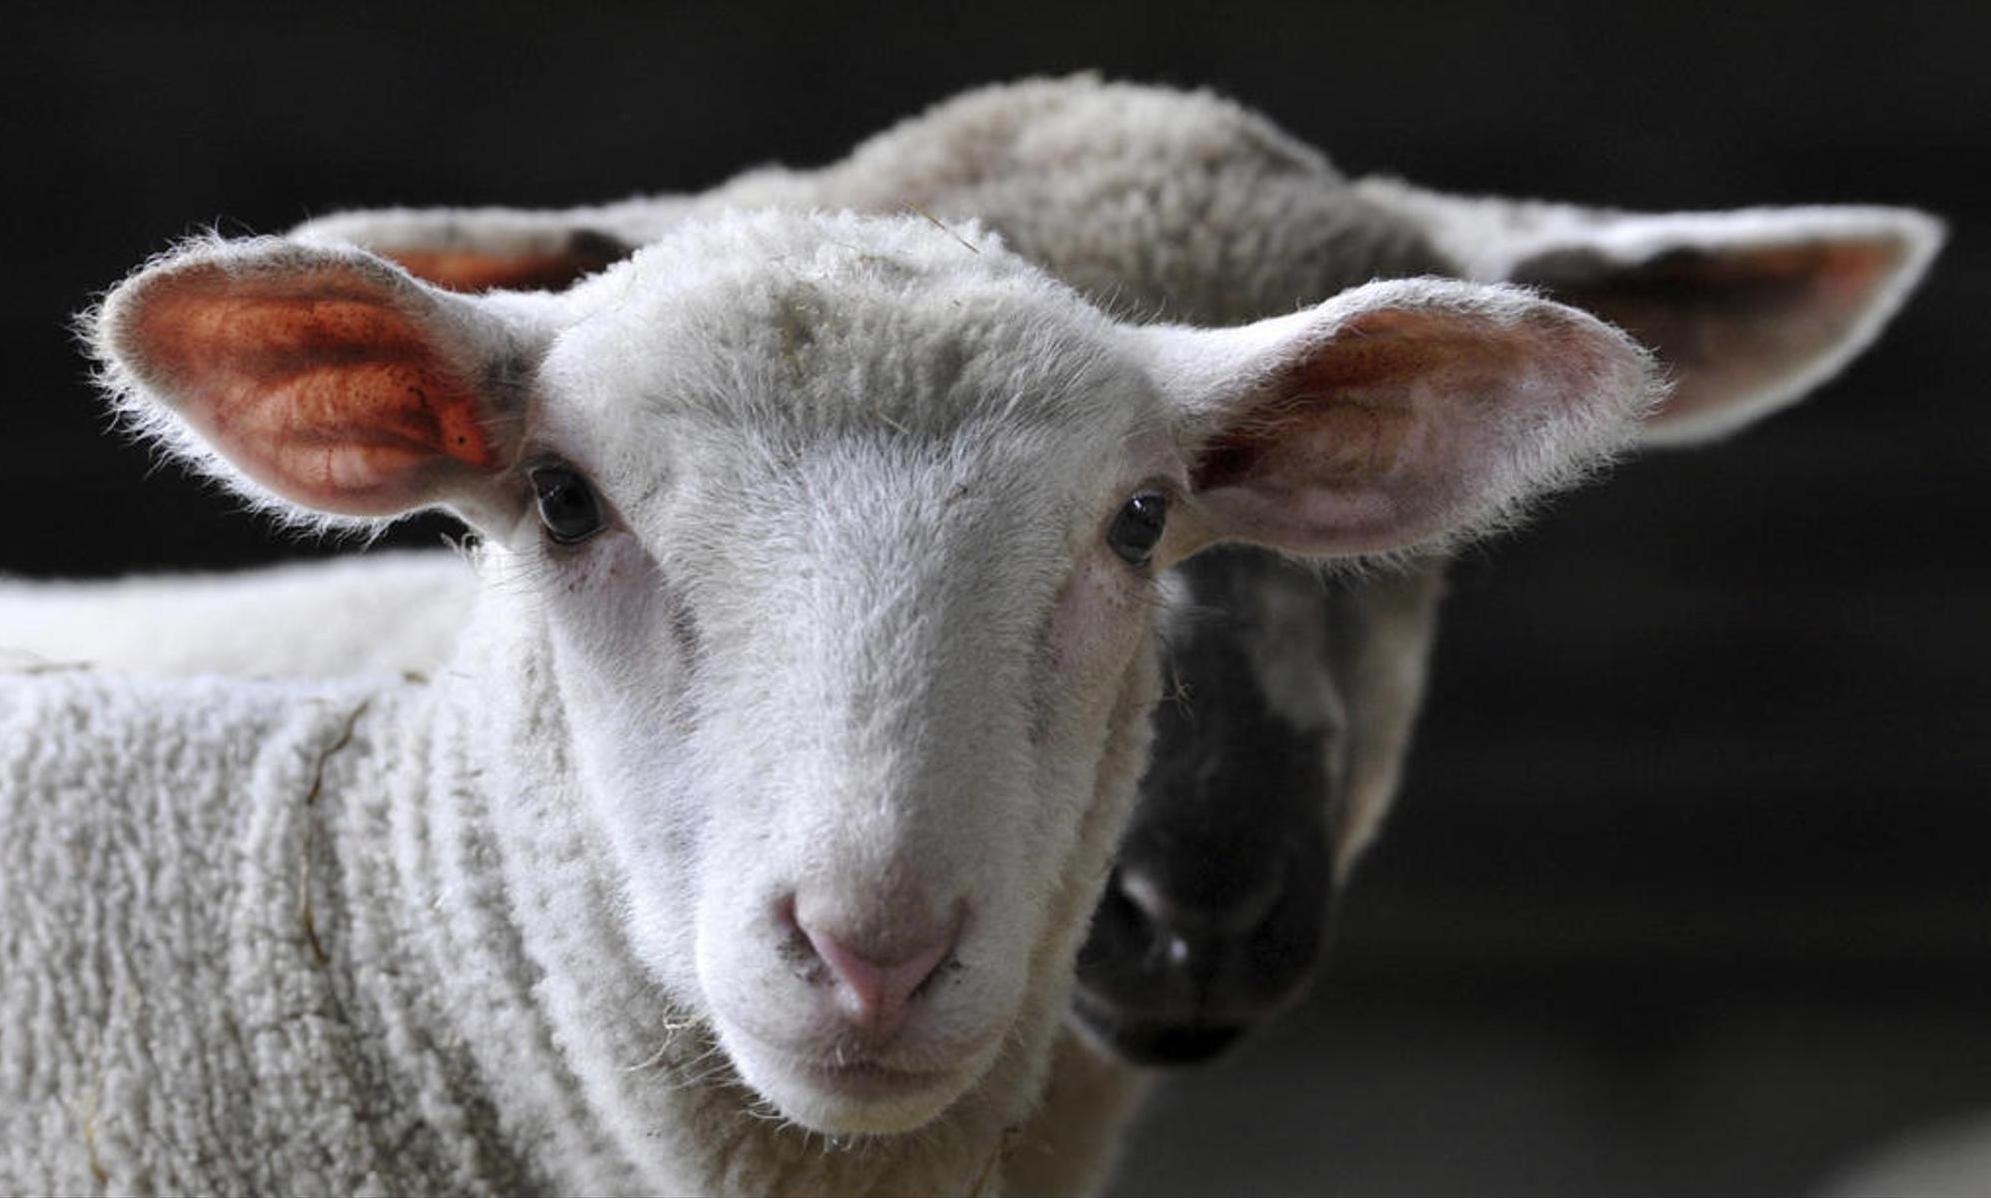 Laut «Business Insider» entstehen bei der Herstellung von einem Kilo Lammfleisch bis zu 39 kg an CO2-Emissionen. Der CO2-Ausstoss dürfte bei Schweizer Produkten etwas tiefer liegen, da lange Transportwege im In- und Ausland wegfallen. M. Rietschel